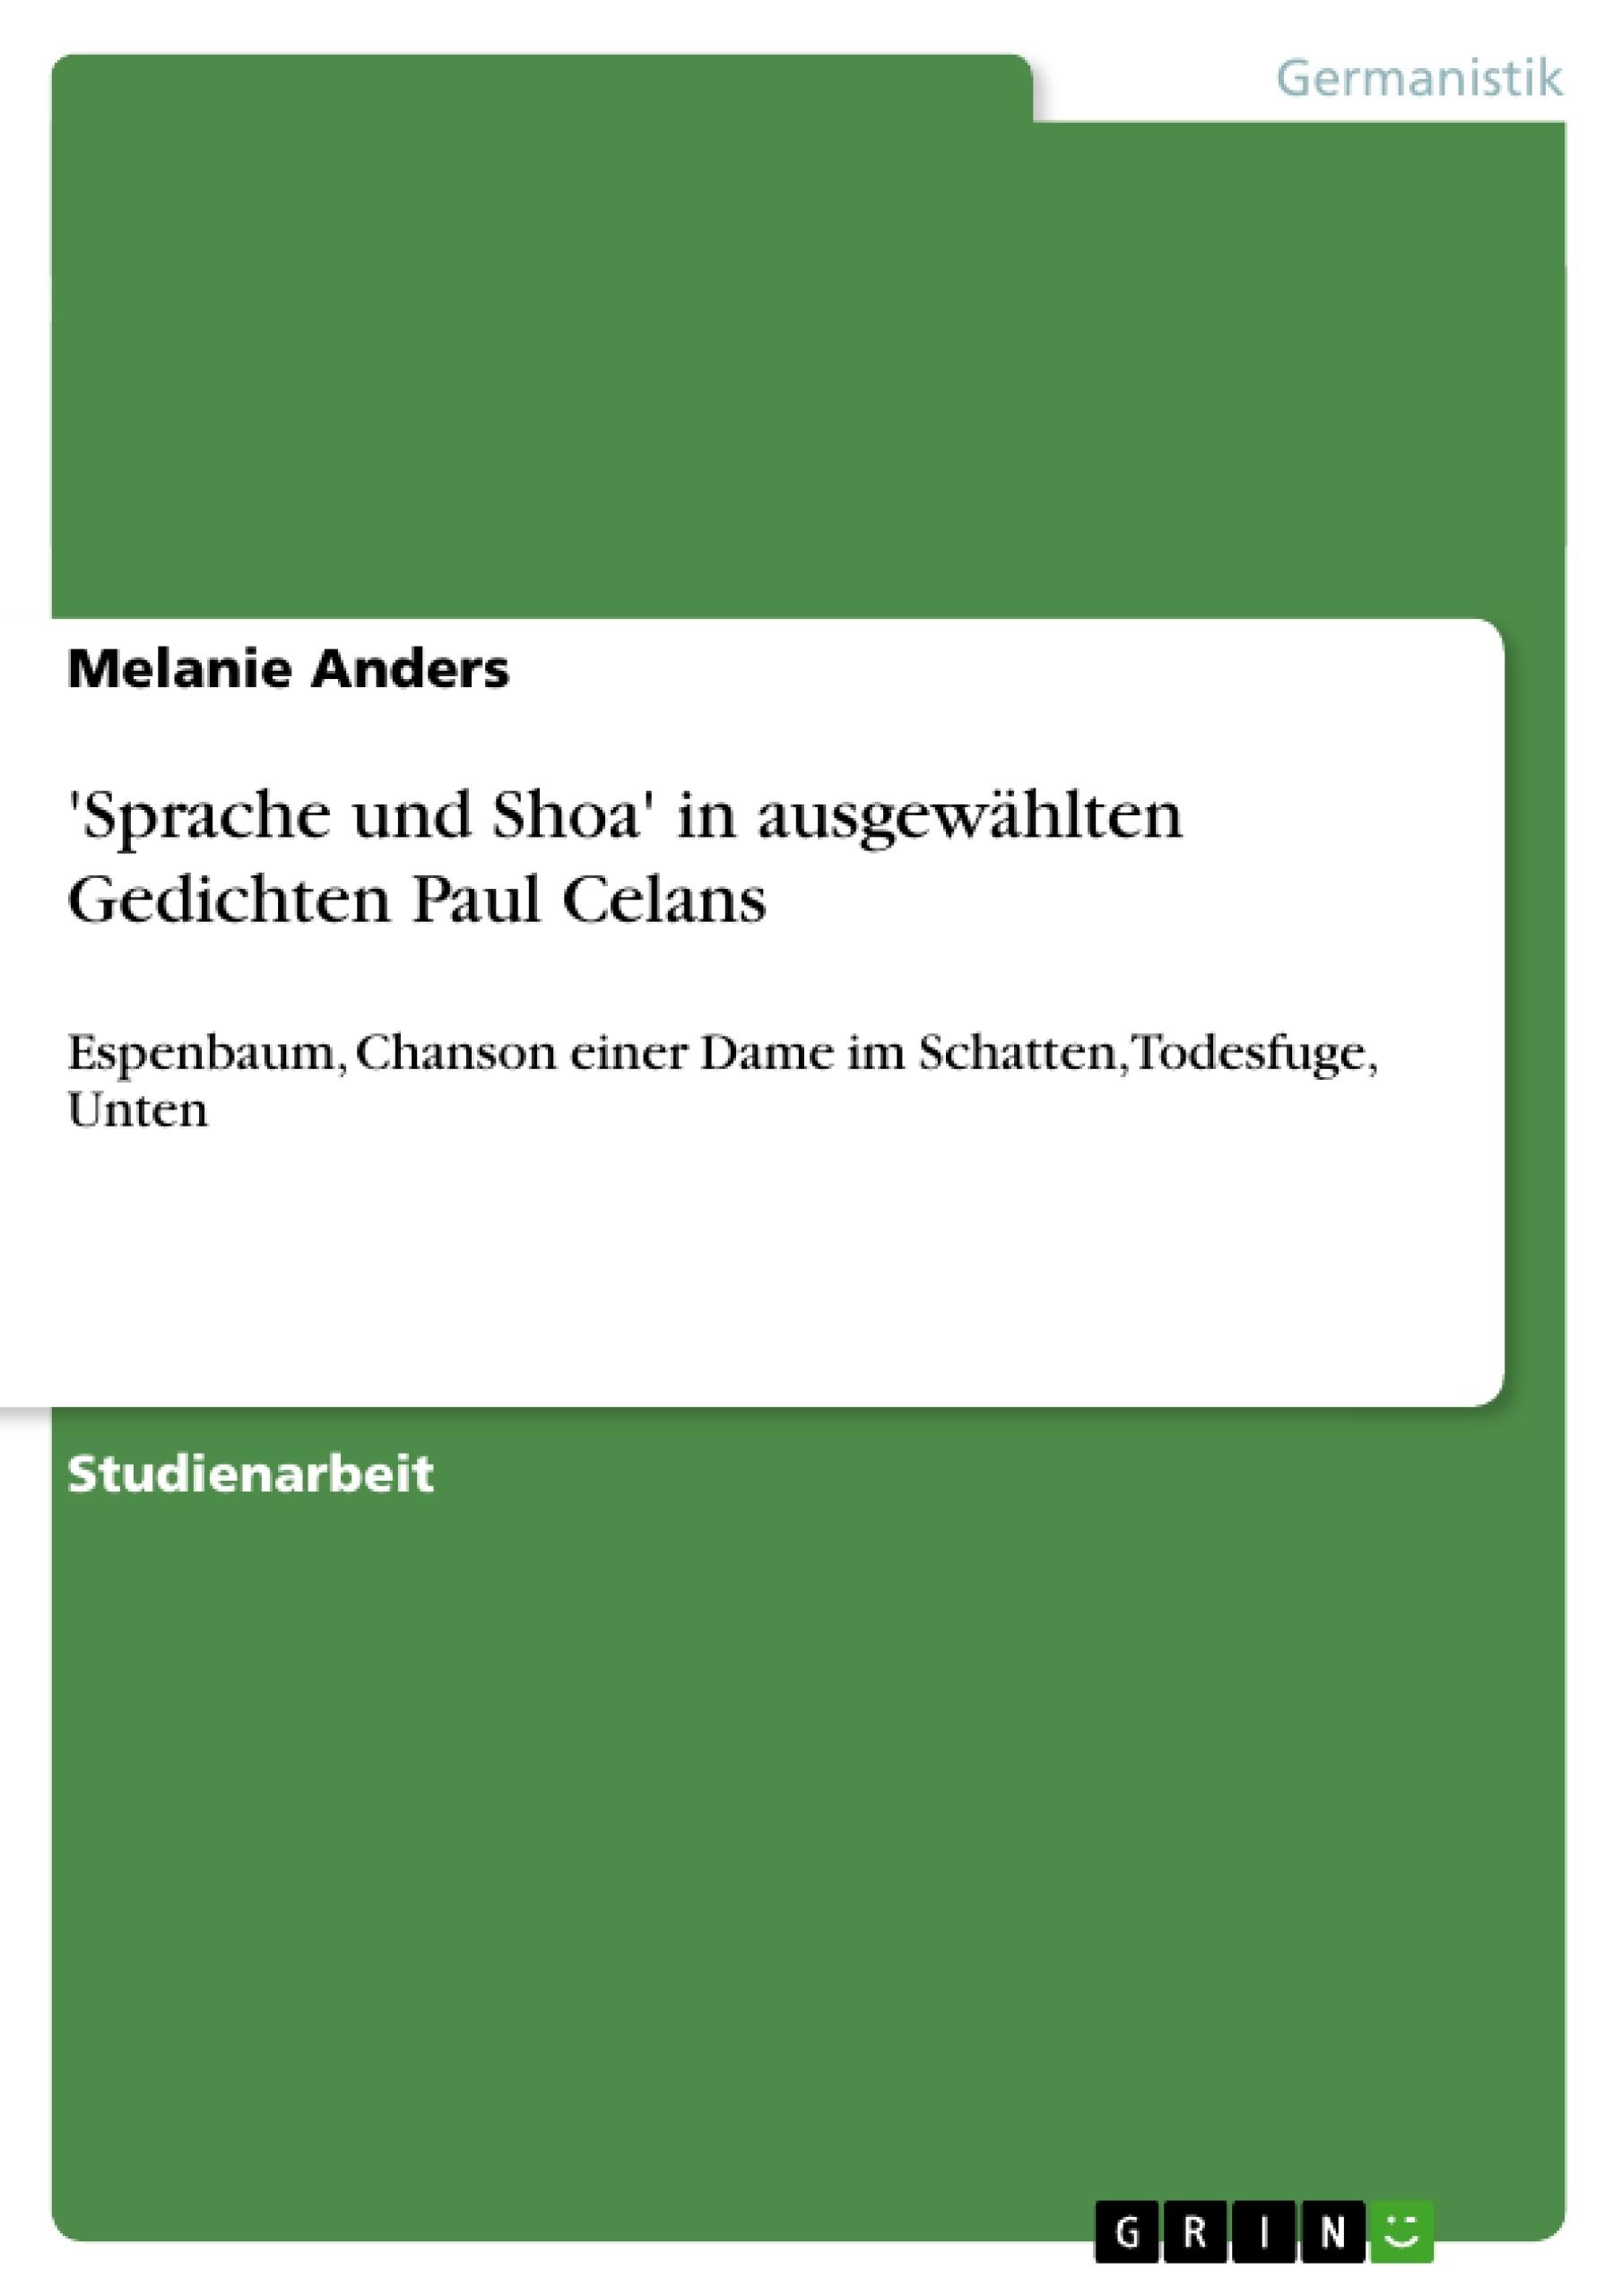 Titel: 'Sprache und Shoa' in ausgewählten Gedichten Paul Celans